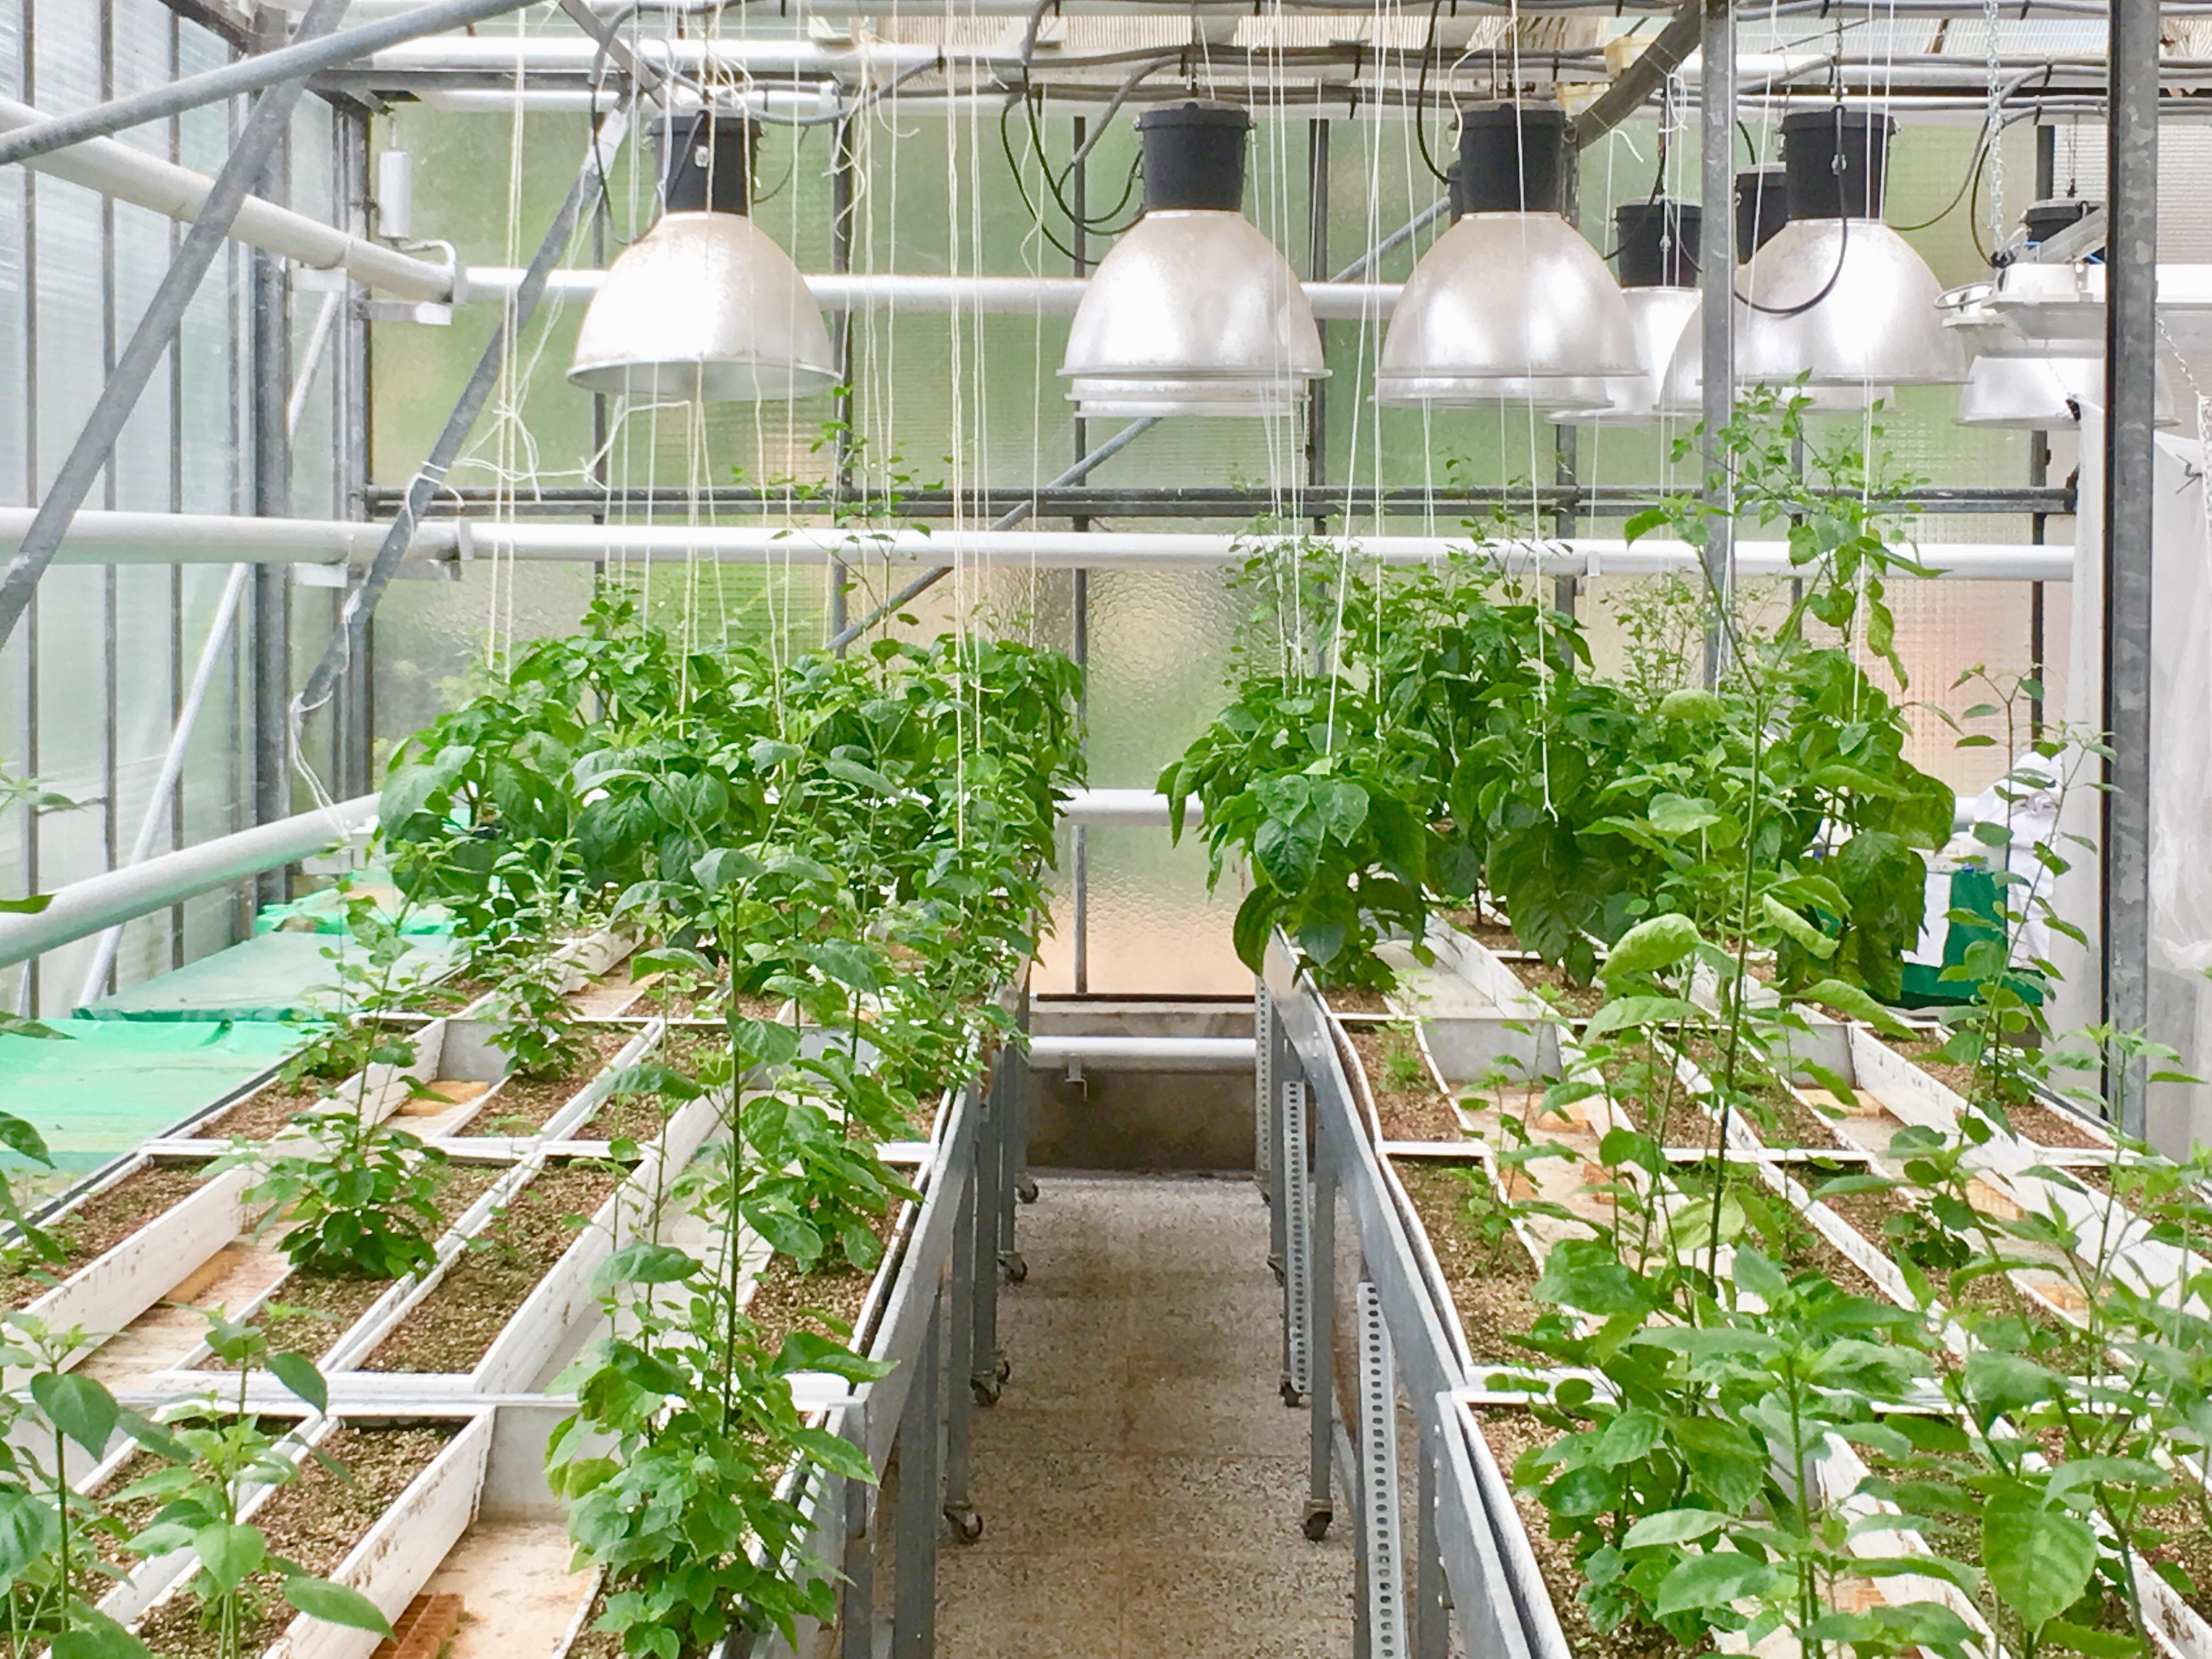 Invernadero de experimentación, donde se ha trabajado con ejemplares de plantas de guindilla. Imagen: MNCN-CSIC